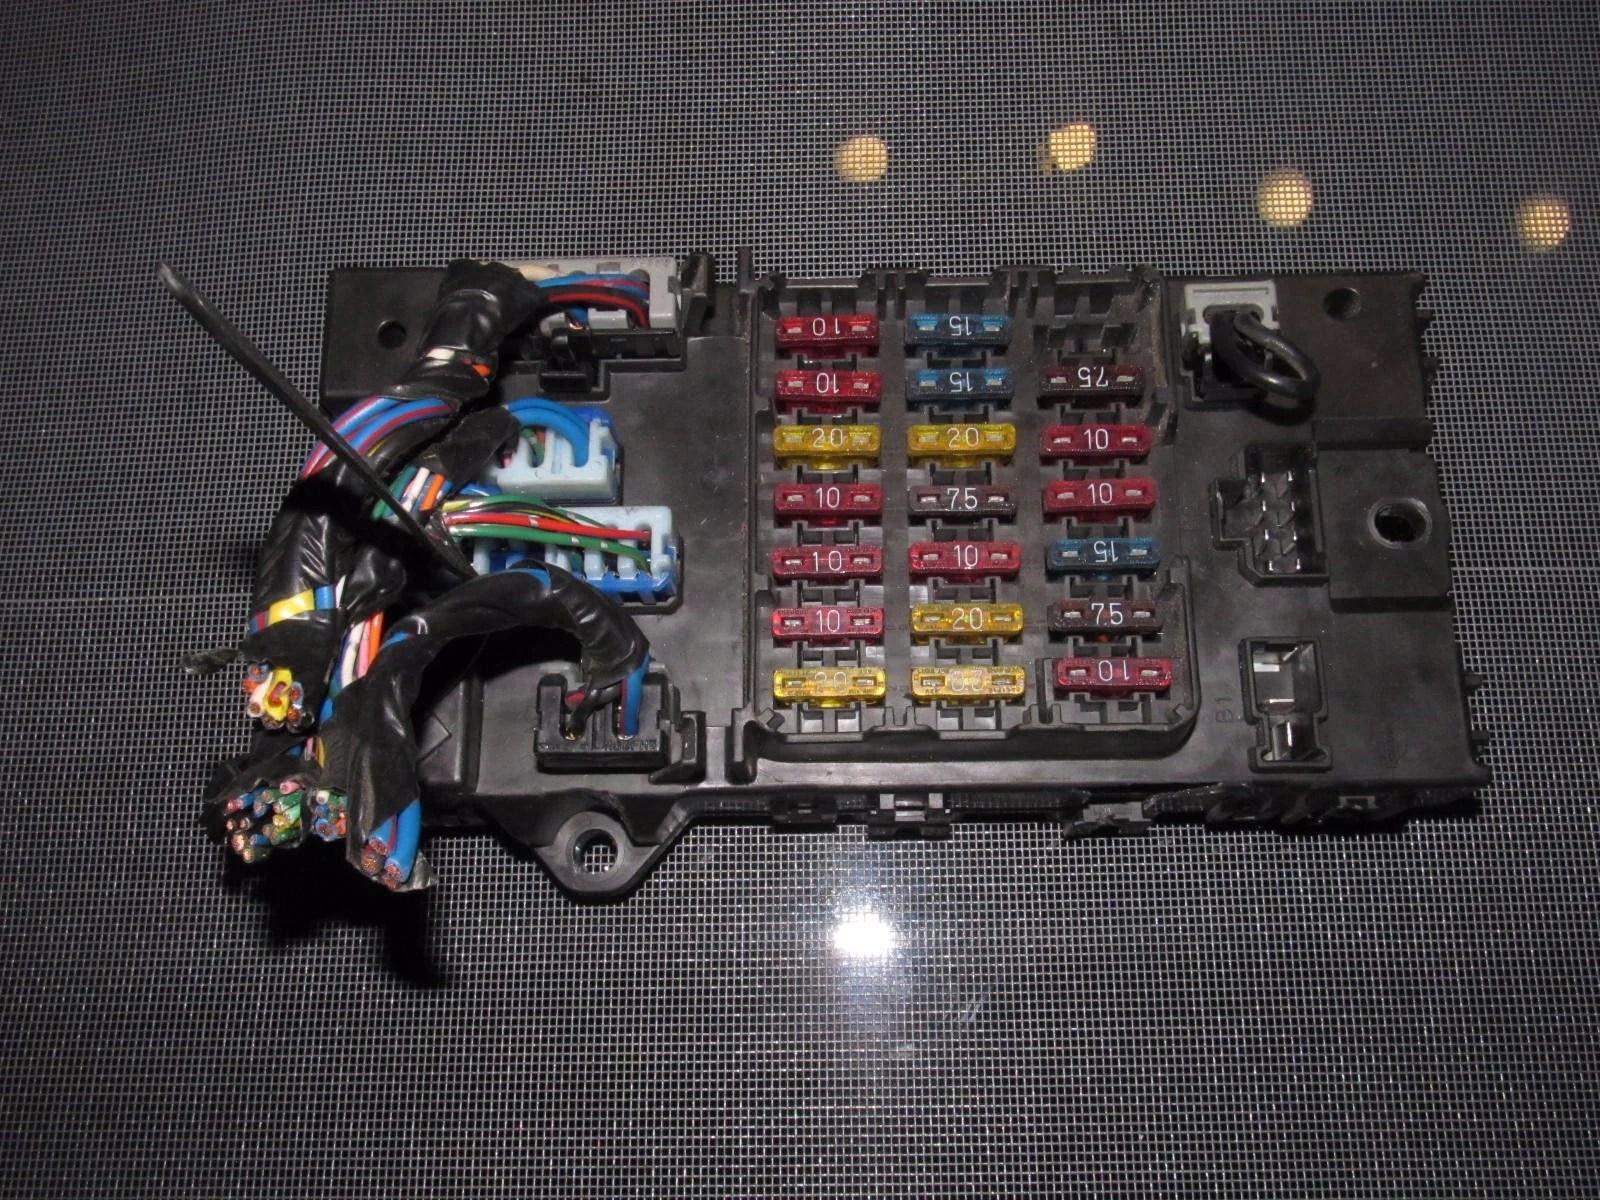 300zx tt fuse box wiring diagram origin 300zx small fuse box 300zx tt fuse box [ 1600 x 1200 Pixel ]